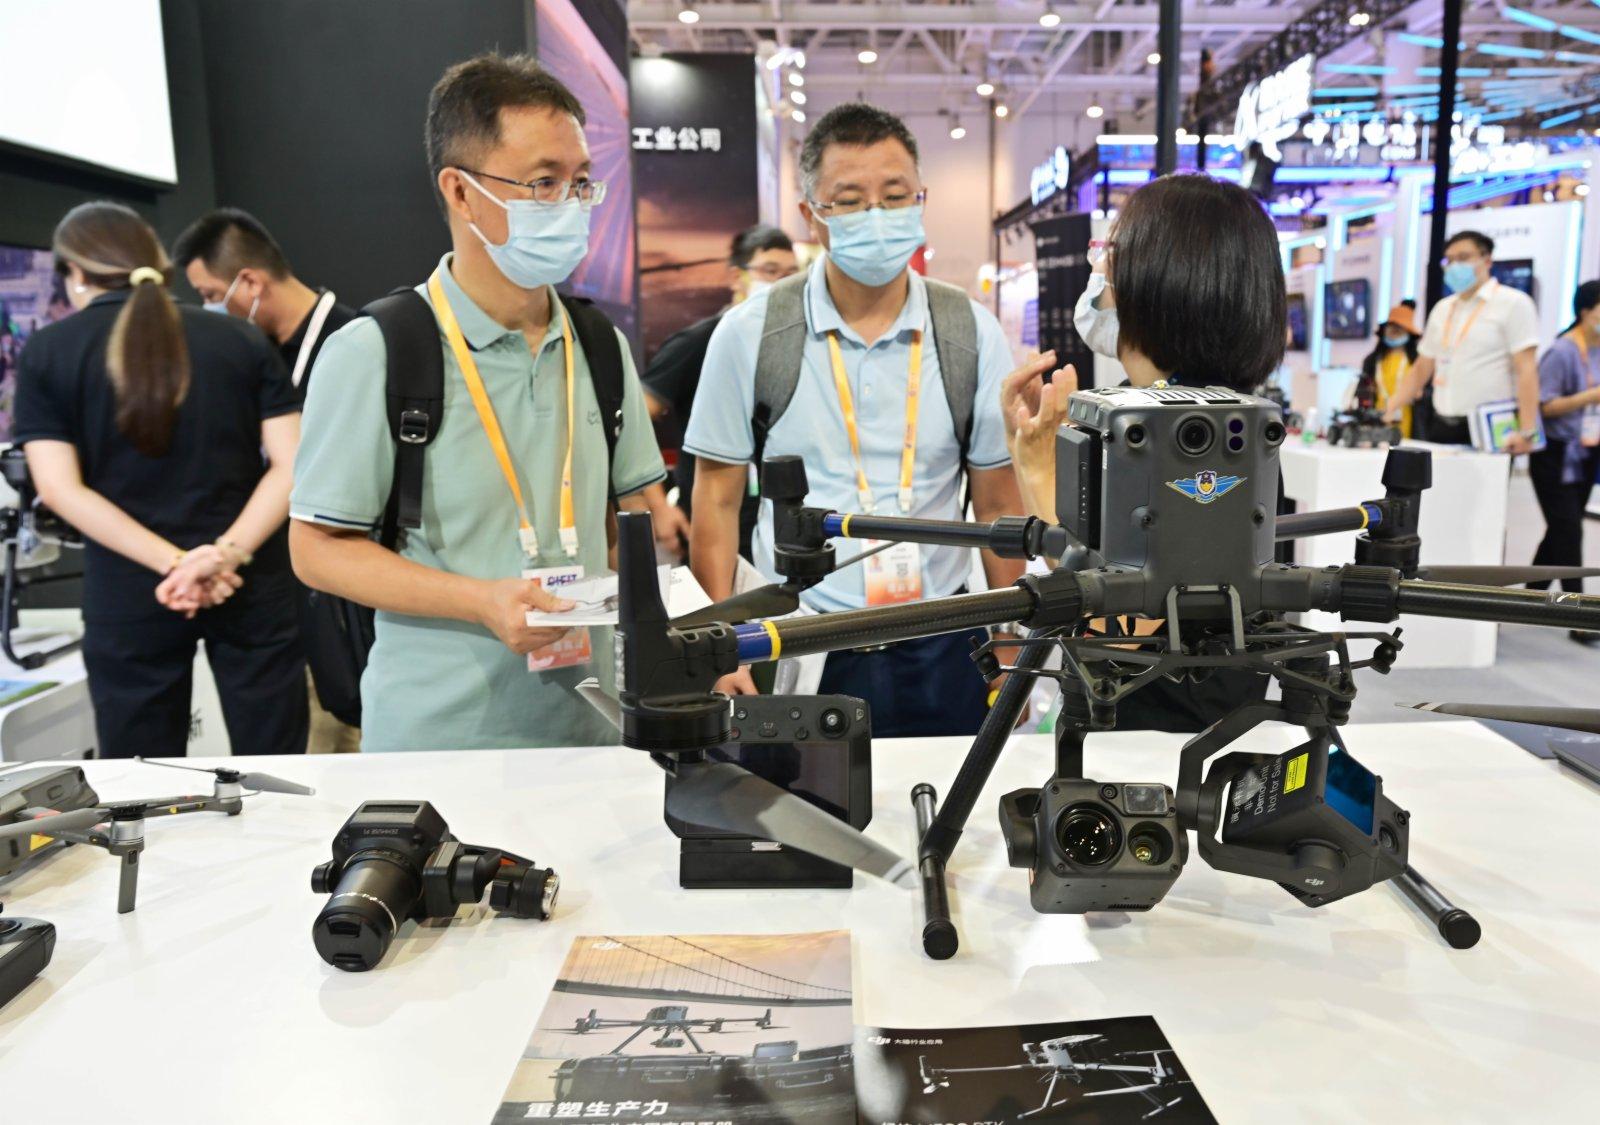 在第二十一屆中國國際投資貿易洽談會展館現場,兩名客商在大疆無人機展台前了解機器的性能。(新華社)